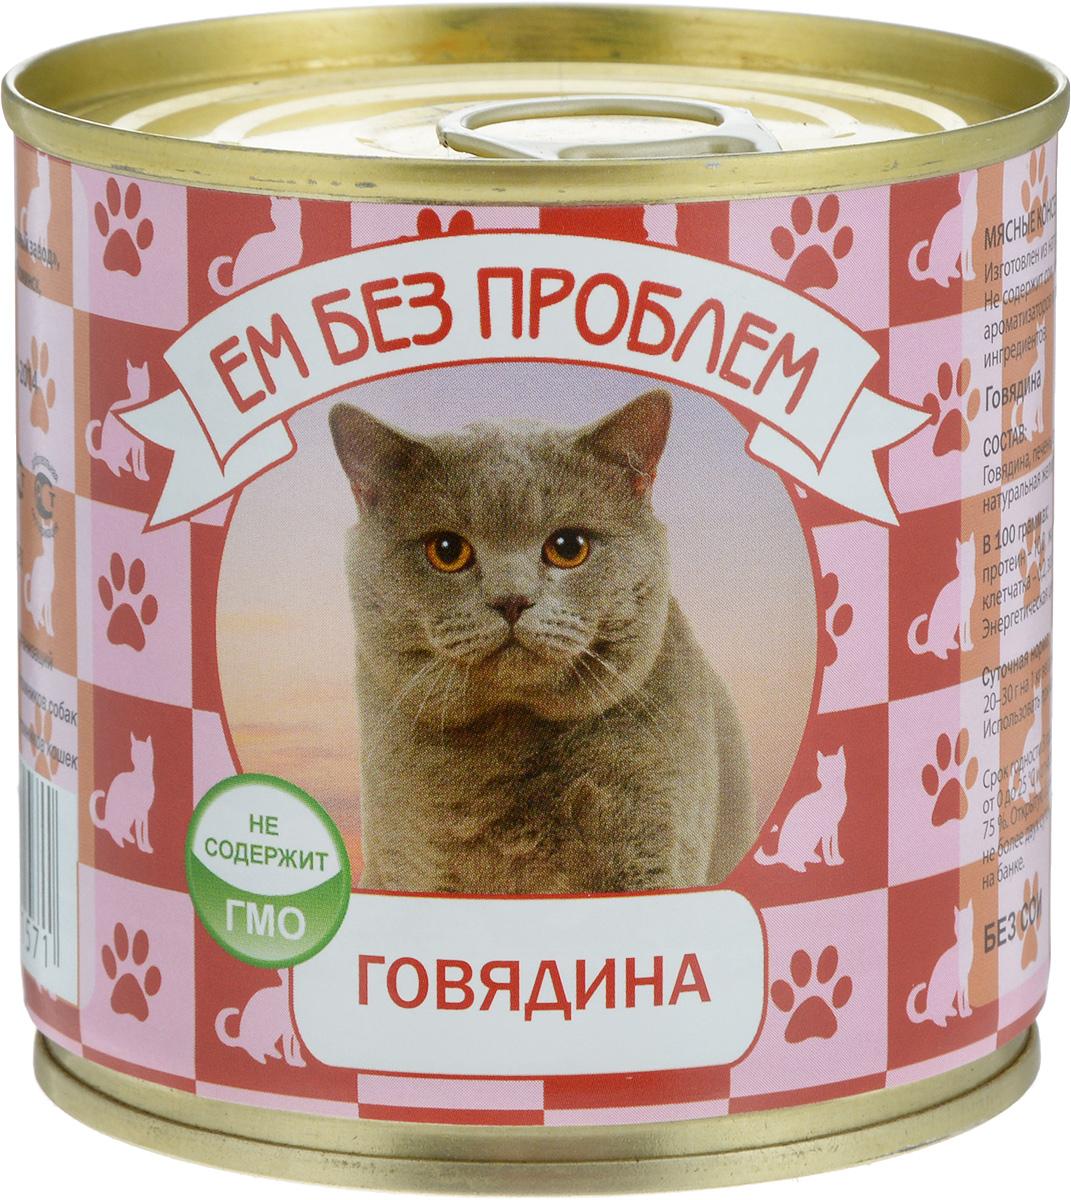 Консервы для кошек Ем без проблем, говядина, 250 г00-00001439Мясные консервы для кошек Ем без проблем изготовлены из натурального российского мяса. Не содержат сои, консервантов, красителей, ароматизаторов и генномодифицированных ингредиентов. Корм полностью удовлетворяет ежедневные энергетические потребности животного и обеспечивает оптимальное функционирование пищеварительной системы. Консервы Ем без проблем рекомендуется смешивать с кашами и овощами.Товар сертифицирован.